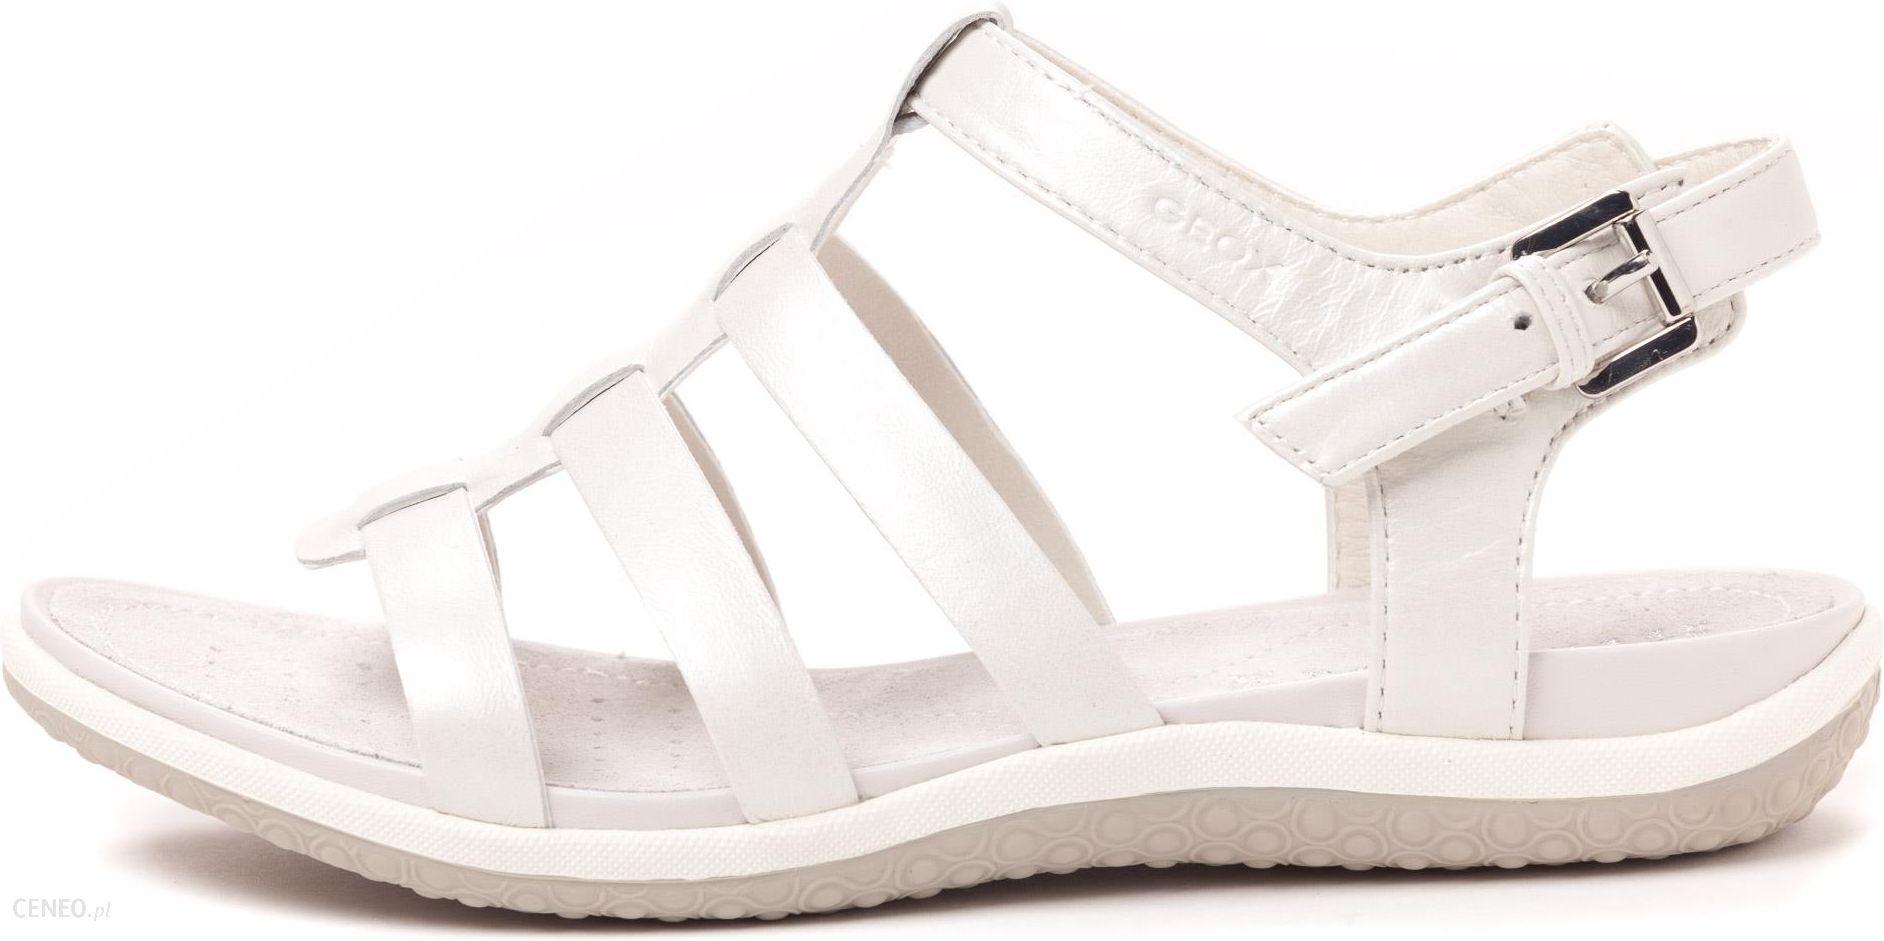 Geox sandały damskie Vega 39 białe